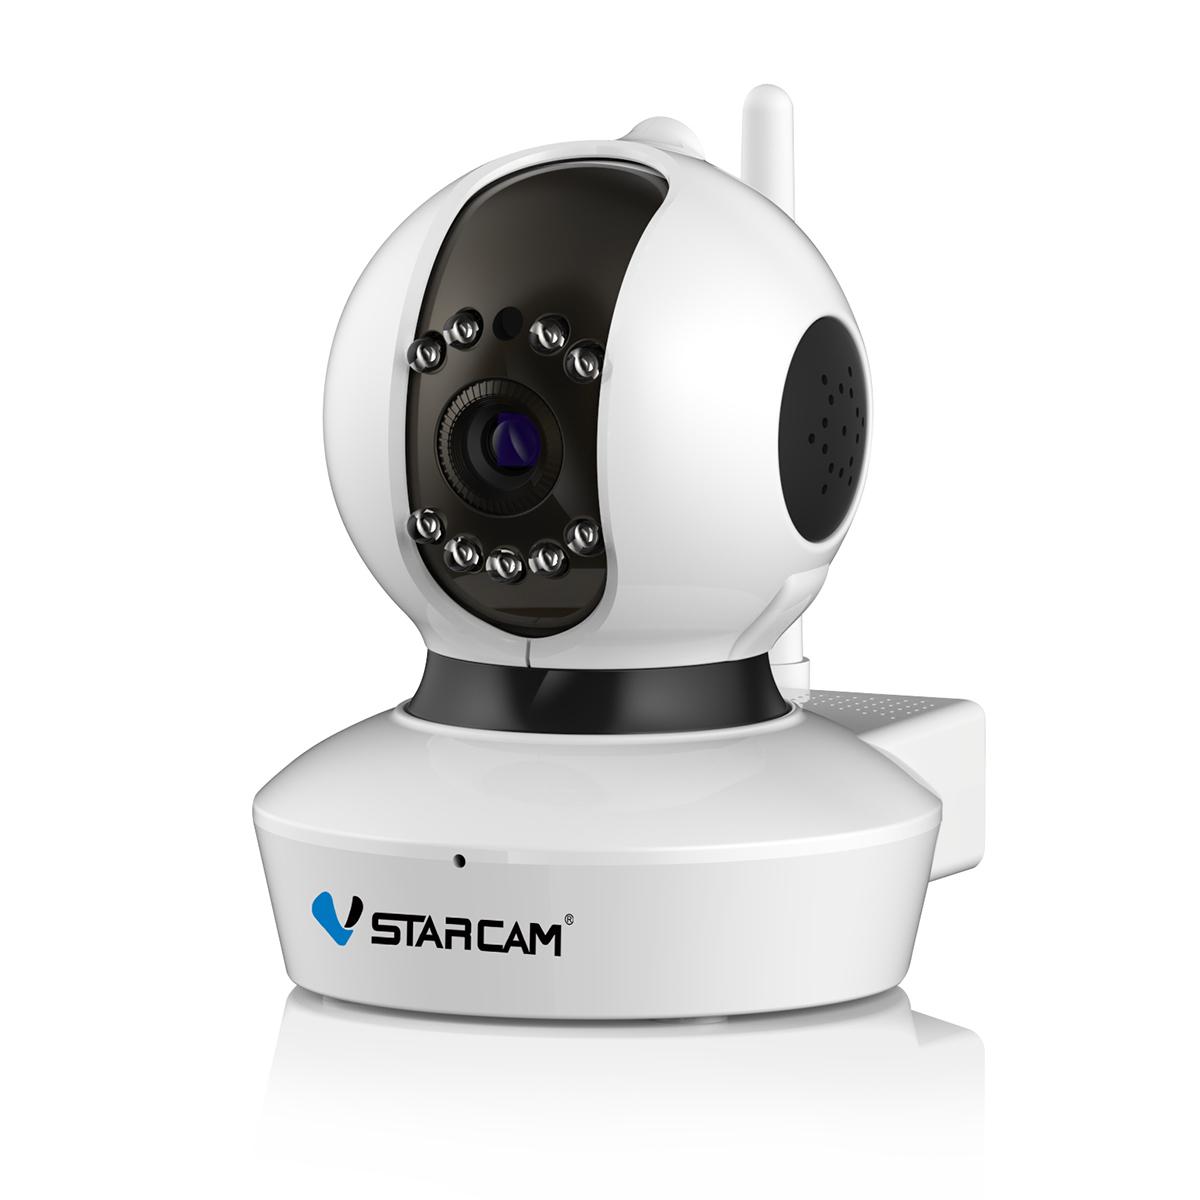 防犯カメラ ワイヤレス wifi 簡単 設置 連続録画 ペット 屋内専用 遠隔監視 音声録画 動体検知 SDL 防犯カメラ ワイヤレス C7823 VStarcam 100万画素 ONVIF対応 新モデル ペットモニター ベビーモニター 無線 WIFI MicroSDカード録画 電源繋ぐだけ 屋内用 監視 ネットワーク IP カメラ 技適 PSE認証 6ヶ月保証